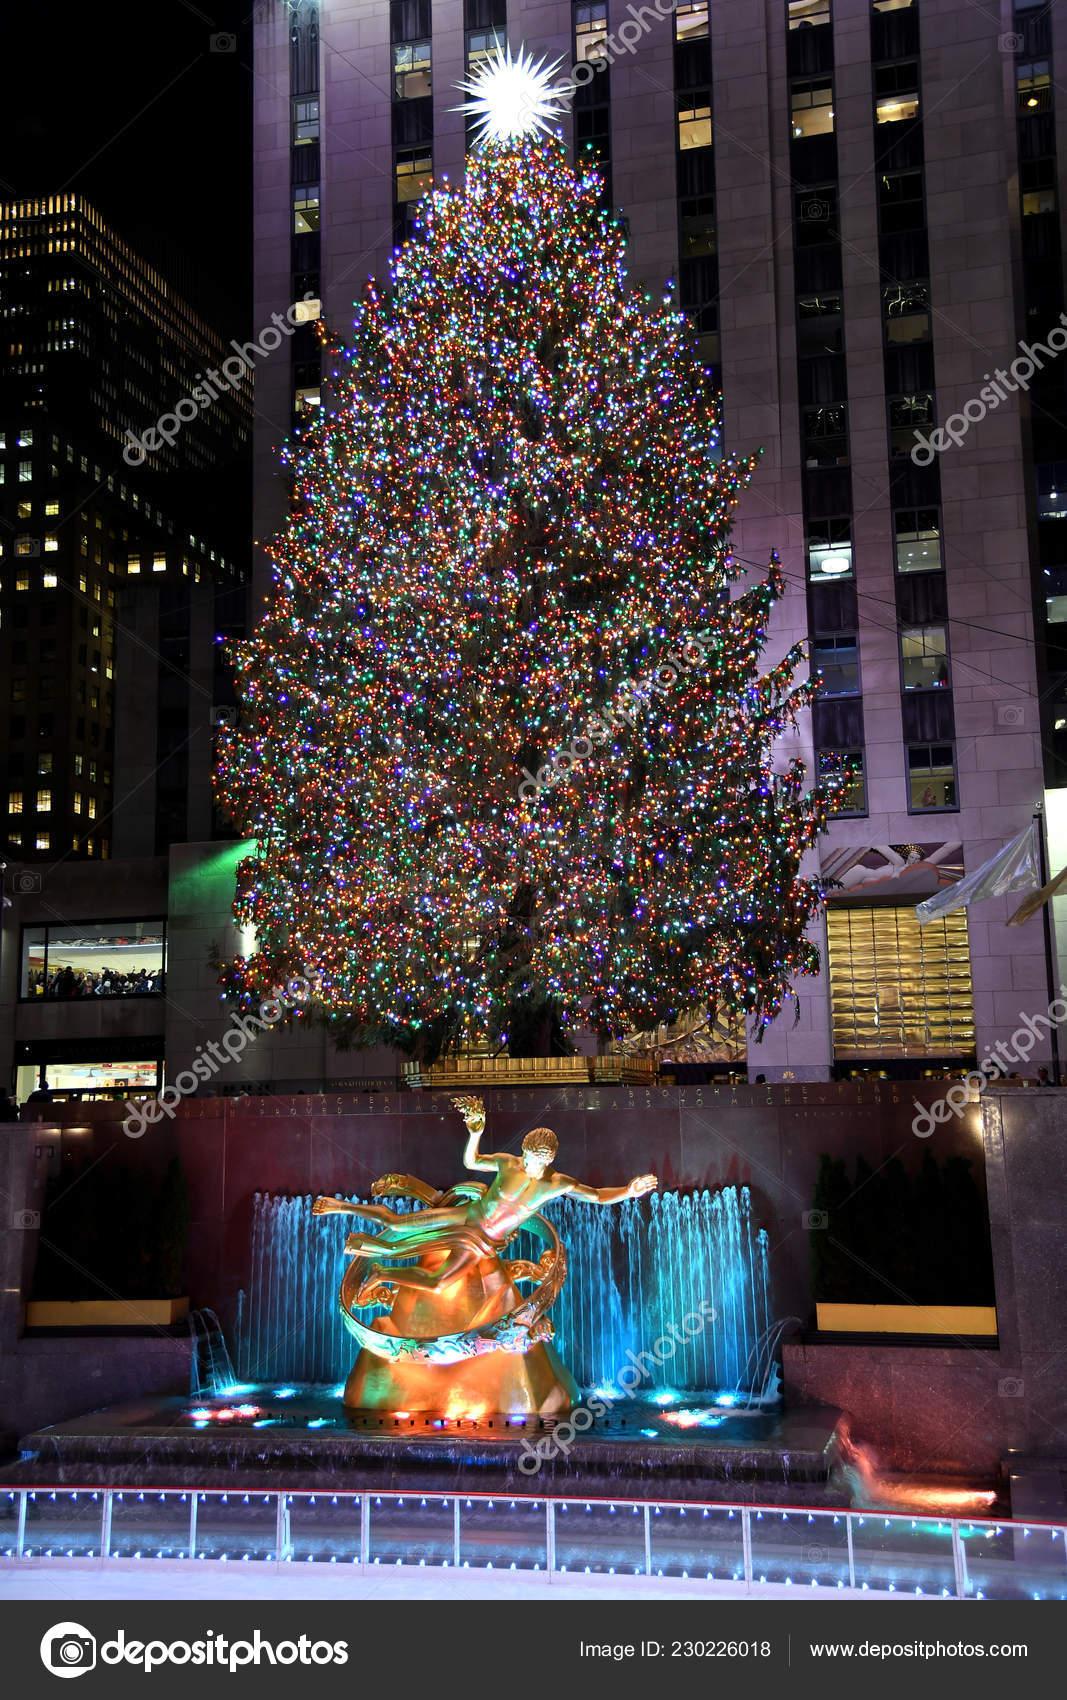 Wo Steht In New York Der Weihnachtsbaum.New York Dezember 2018 Die Berühmten Rockefeller Center